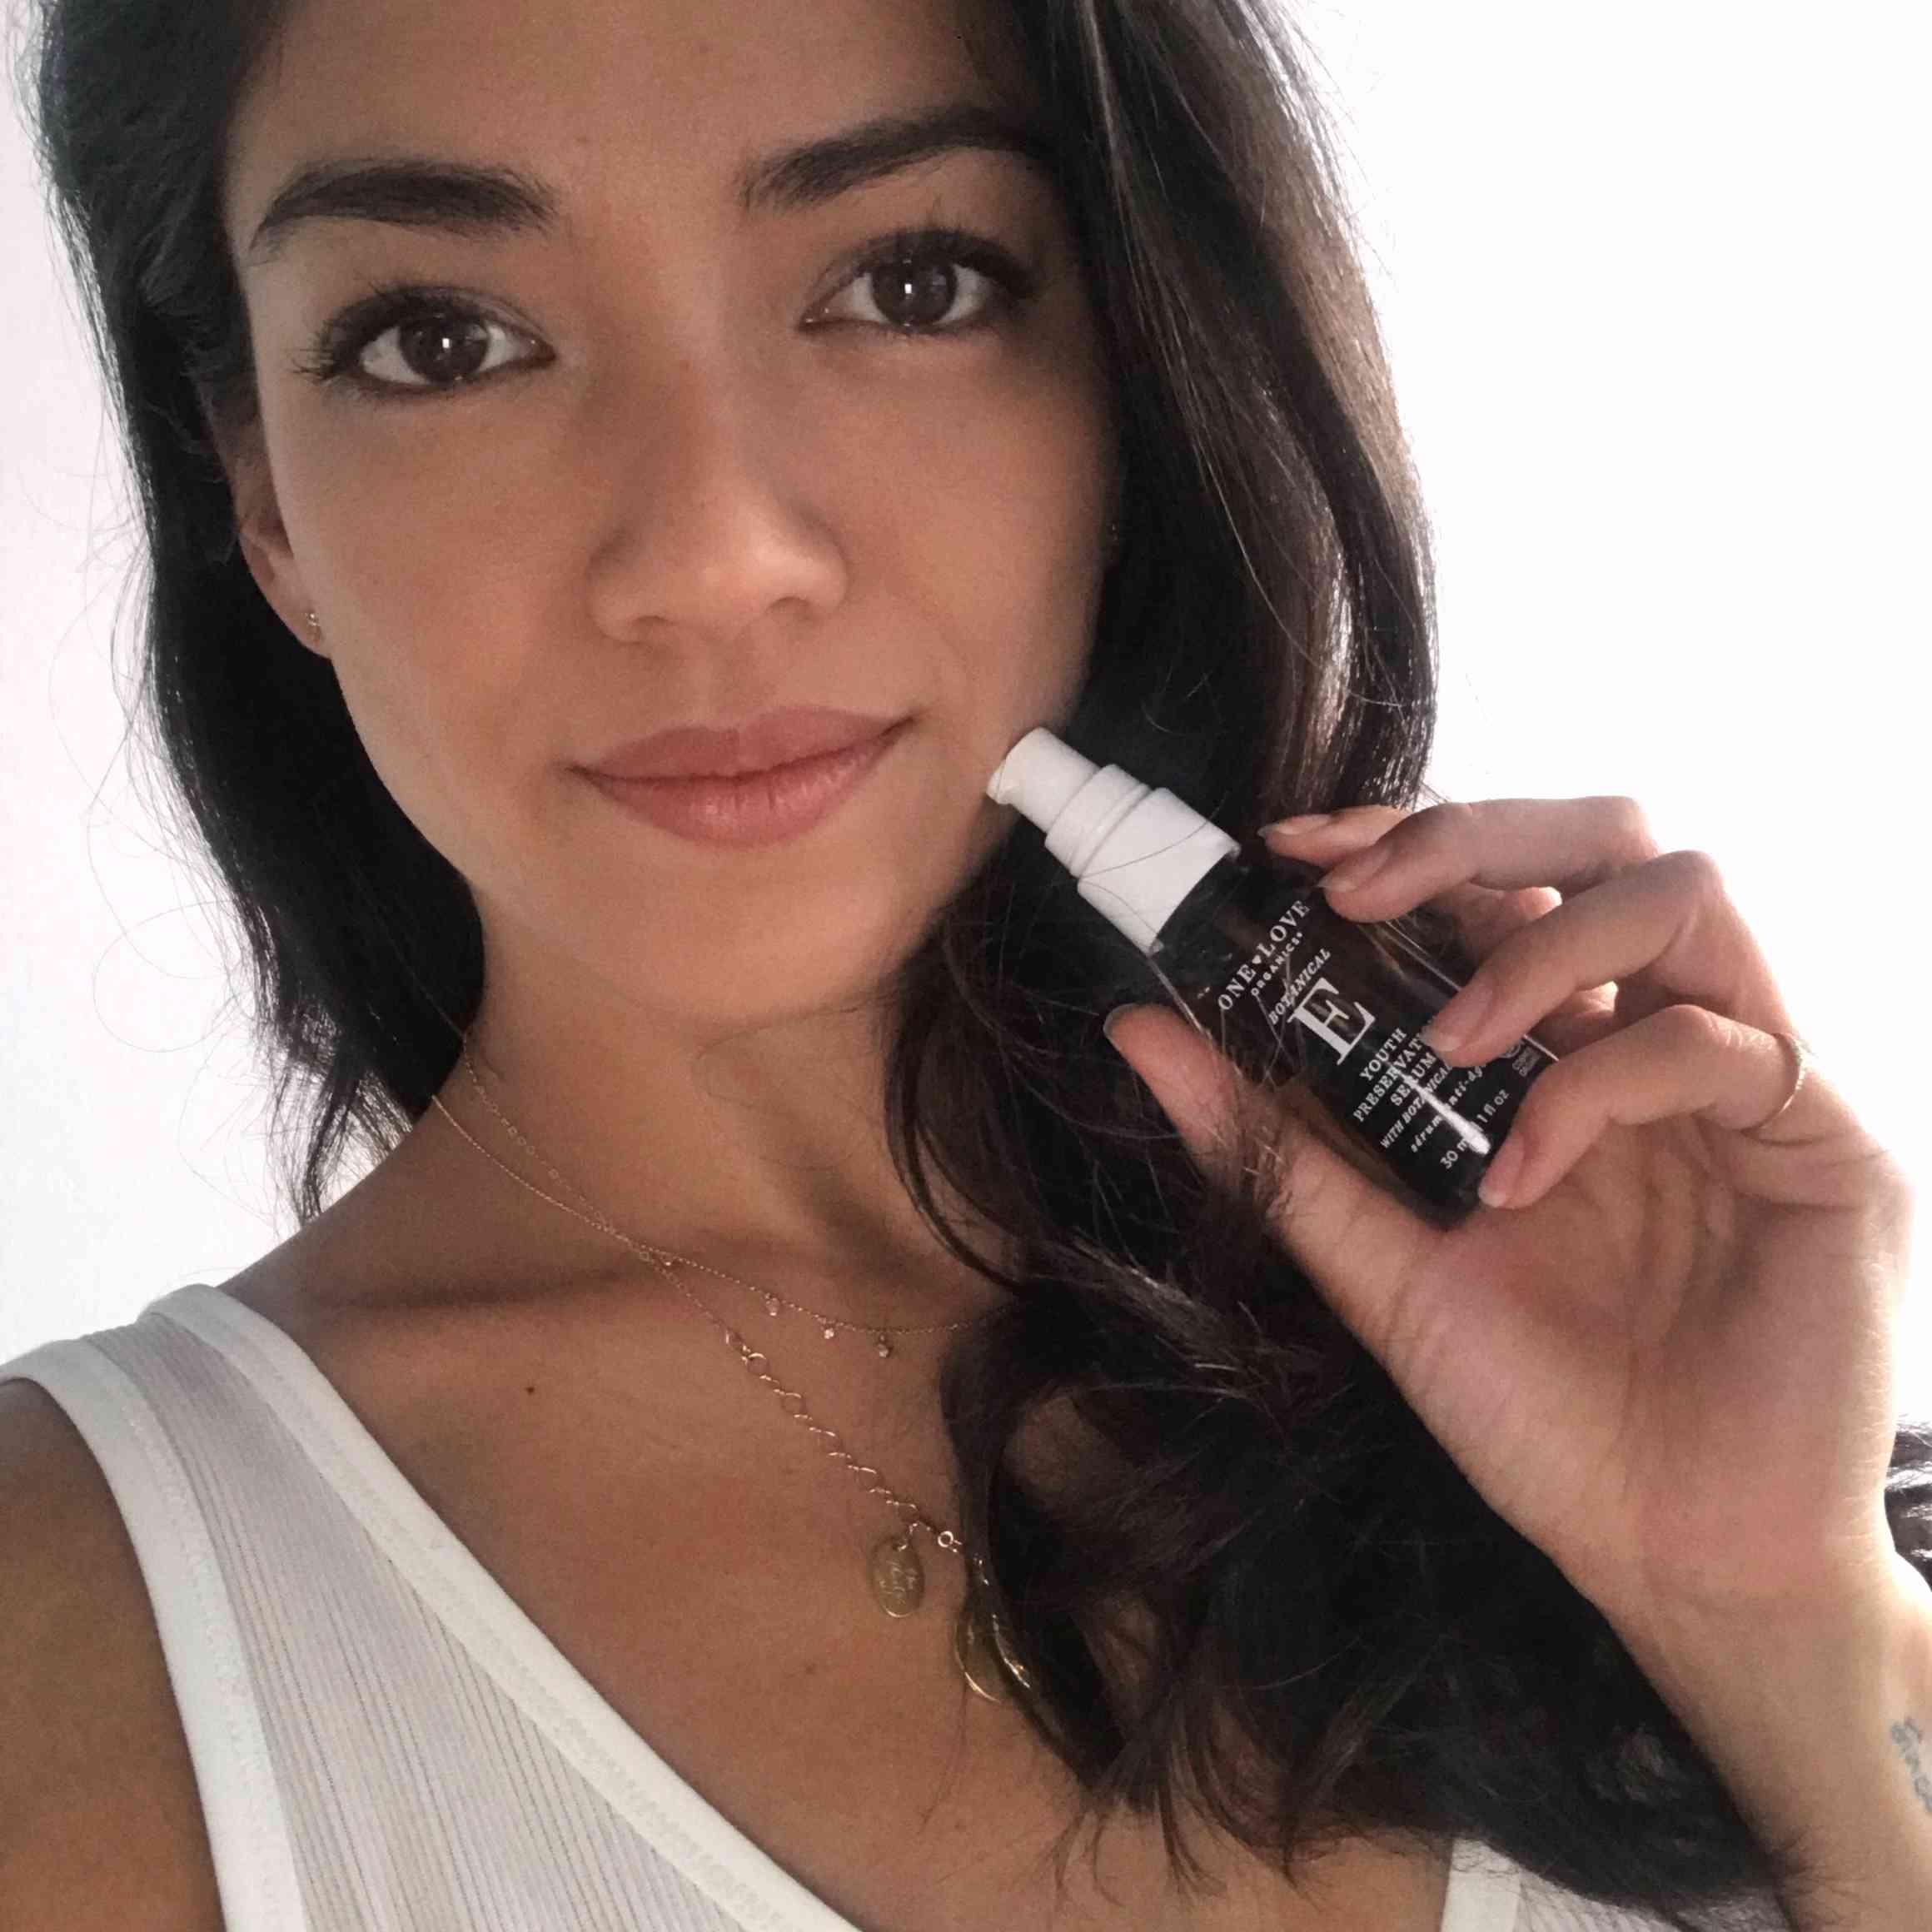 girl holding One Love Organics serum